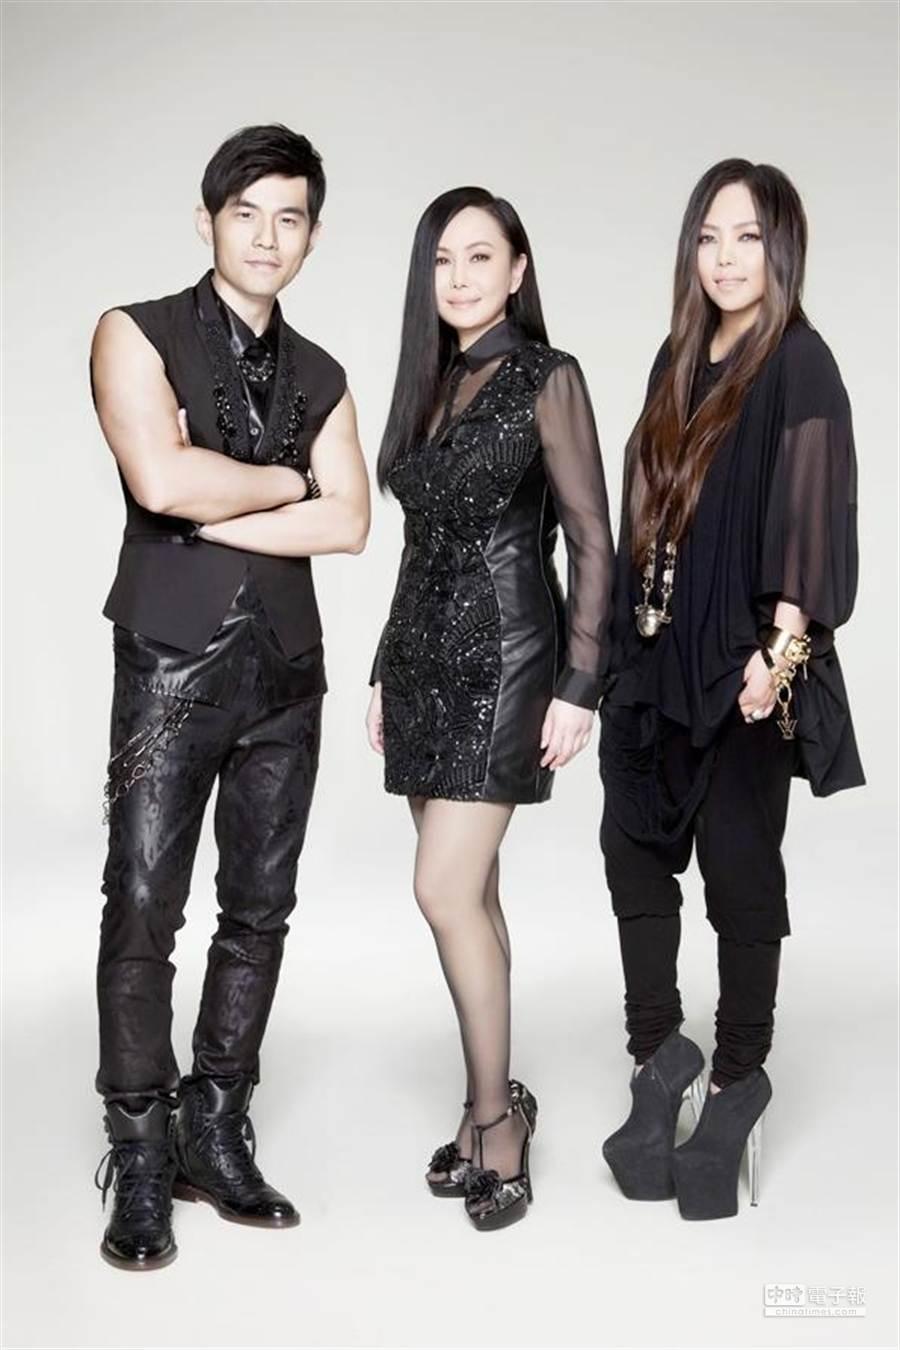 周杰倫、江蕙、張惠妹為第25屆金曲獎擔任宣傳大使。(圖/台視提供)